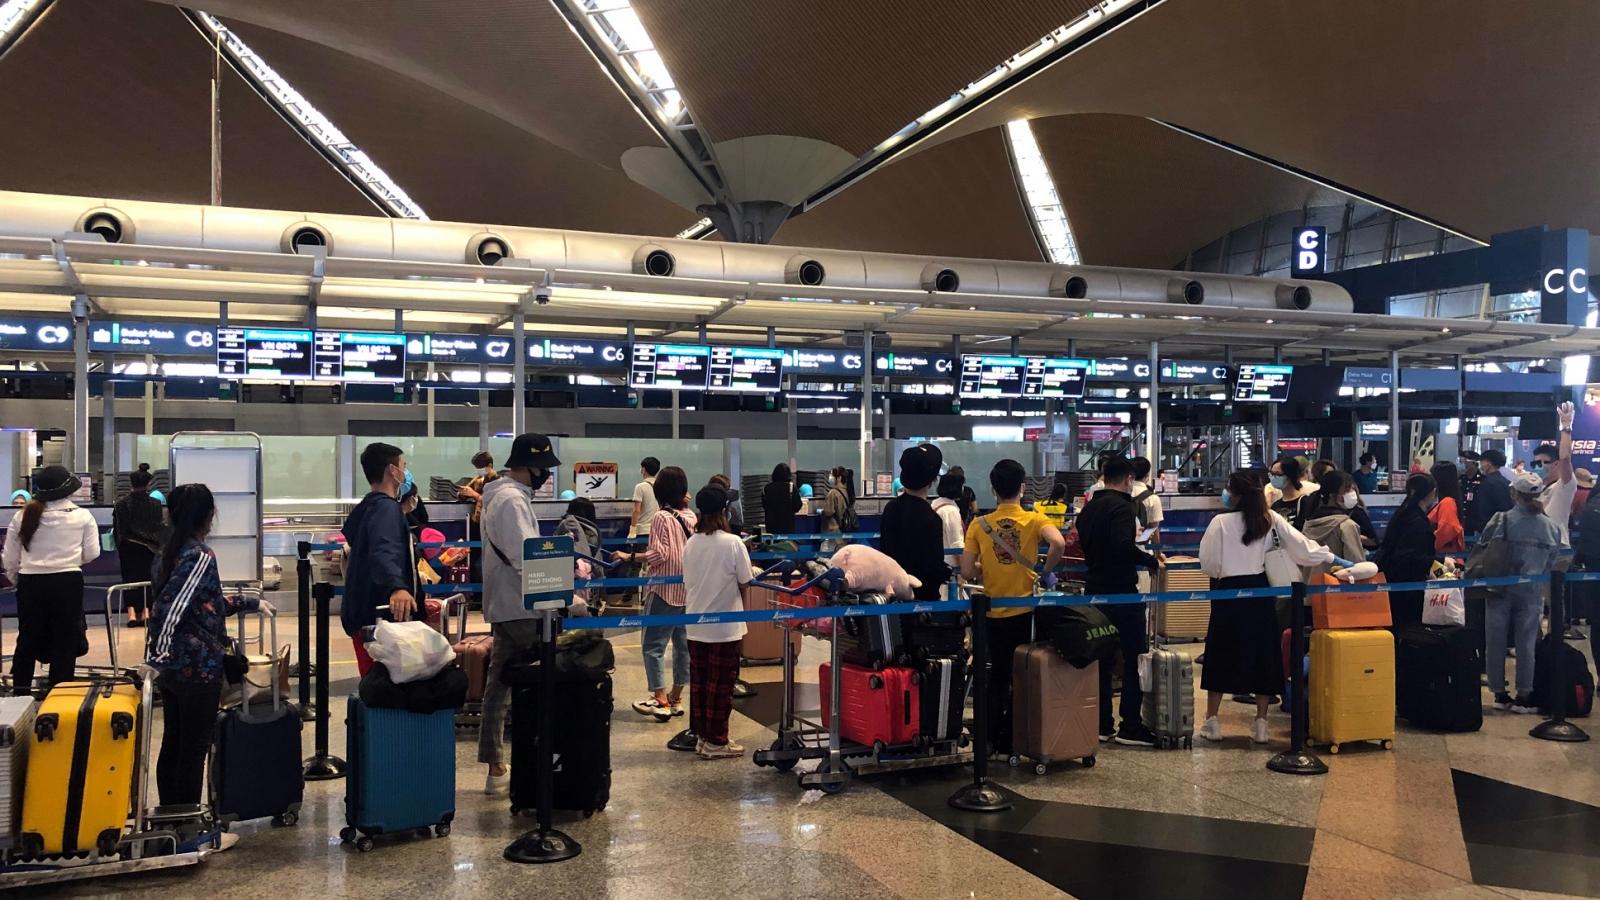 Chuyến bay đưa gần 250 người Việt từ Malaysia về nước hạ cánh ở Cần Thơ